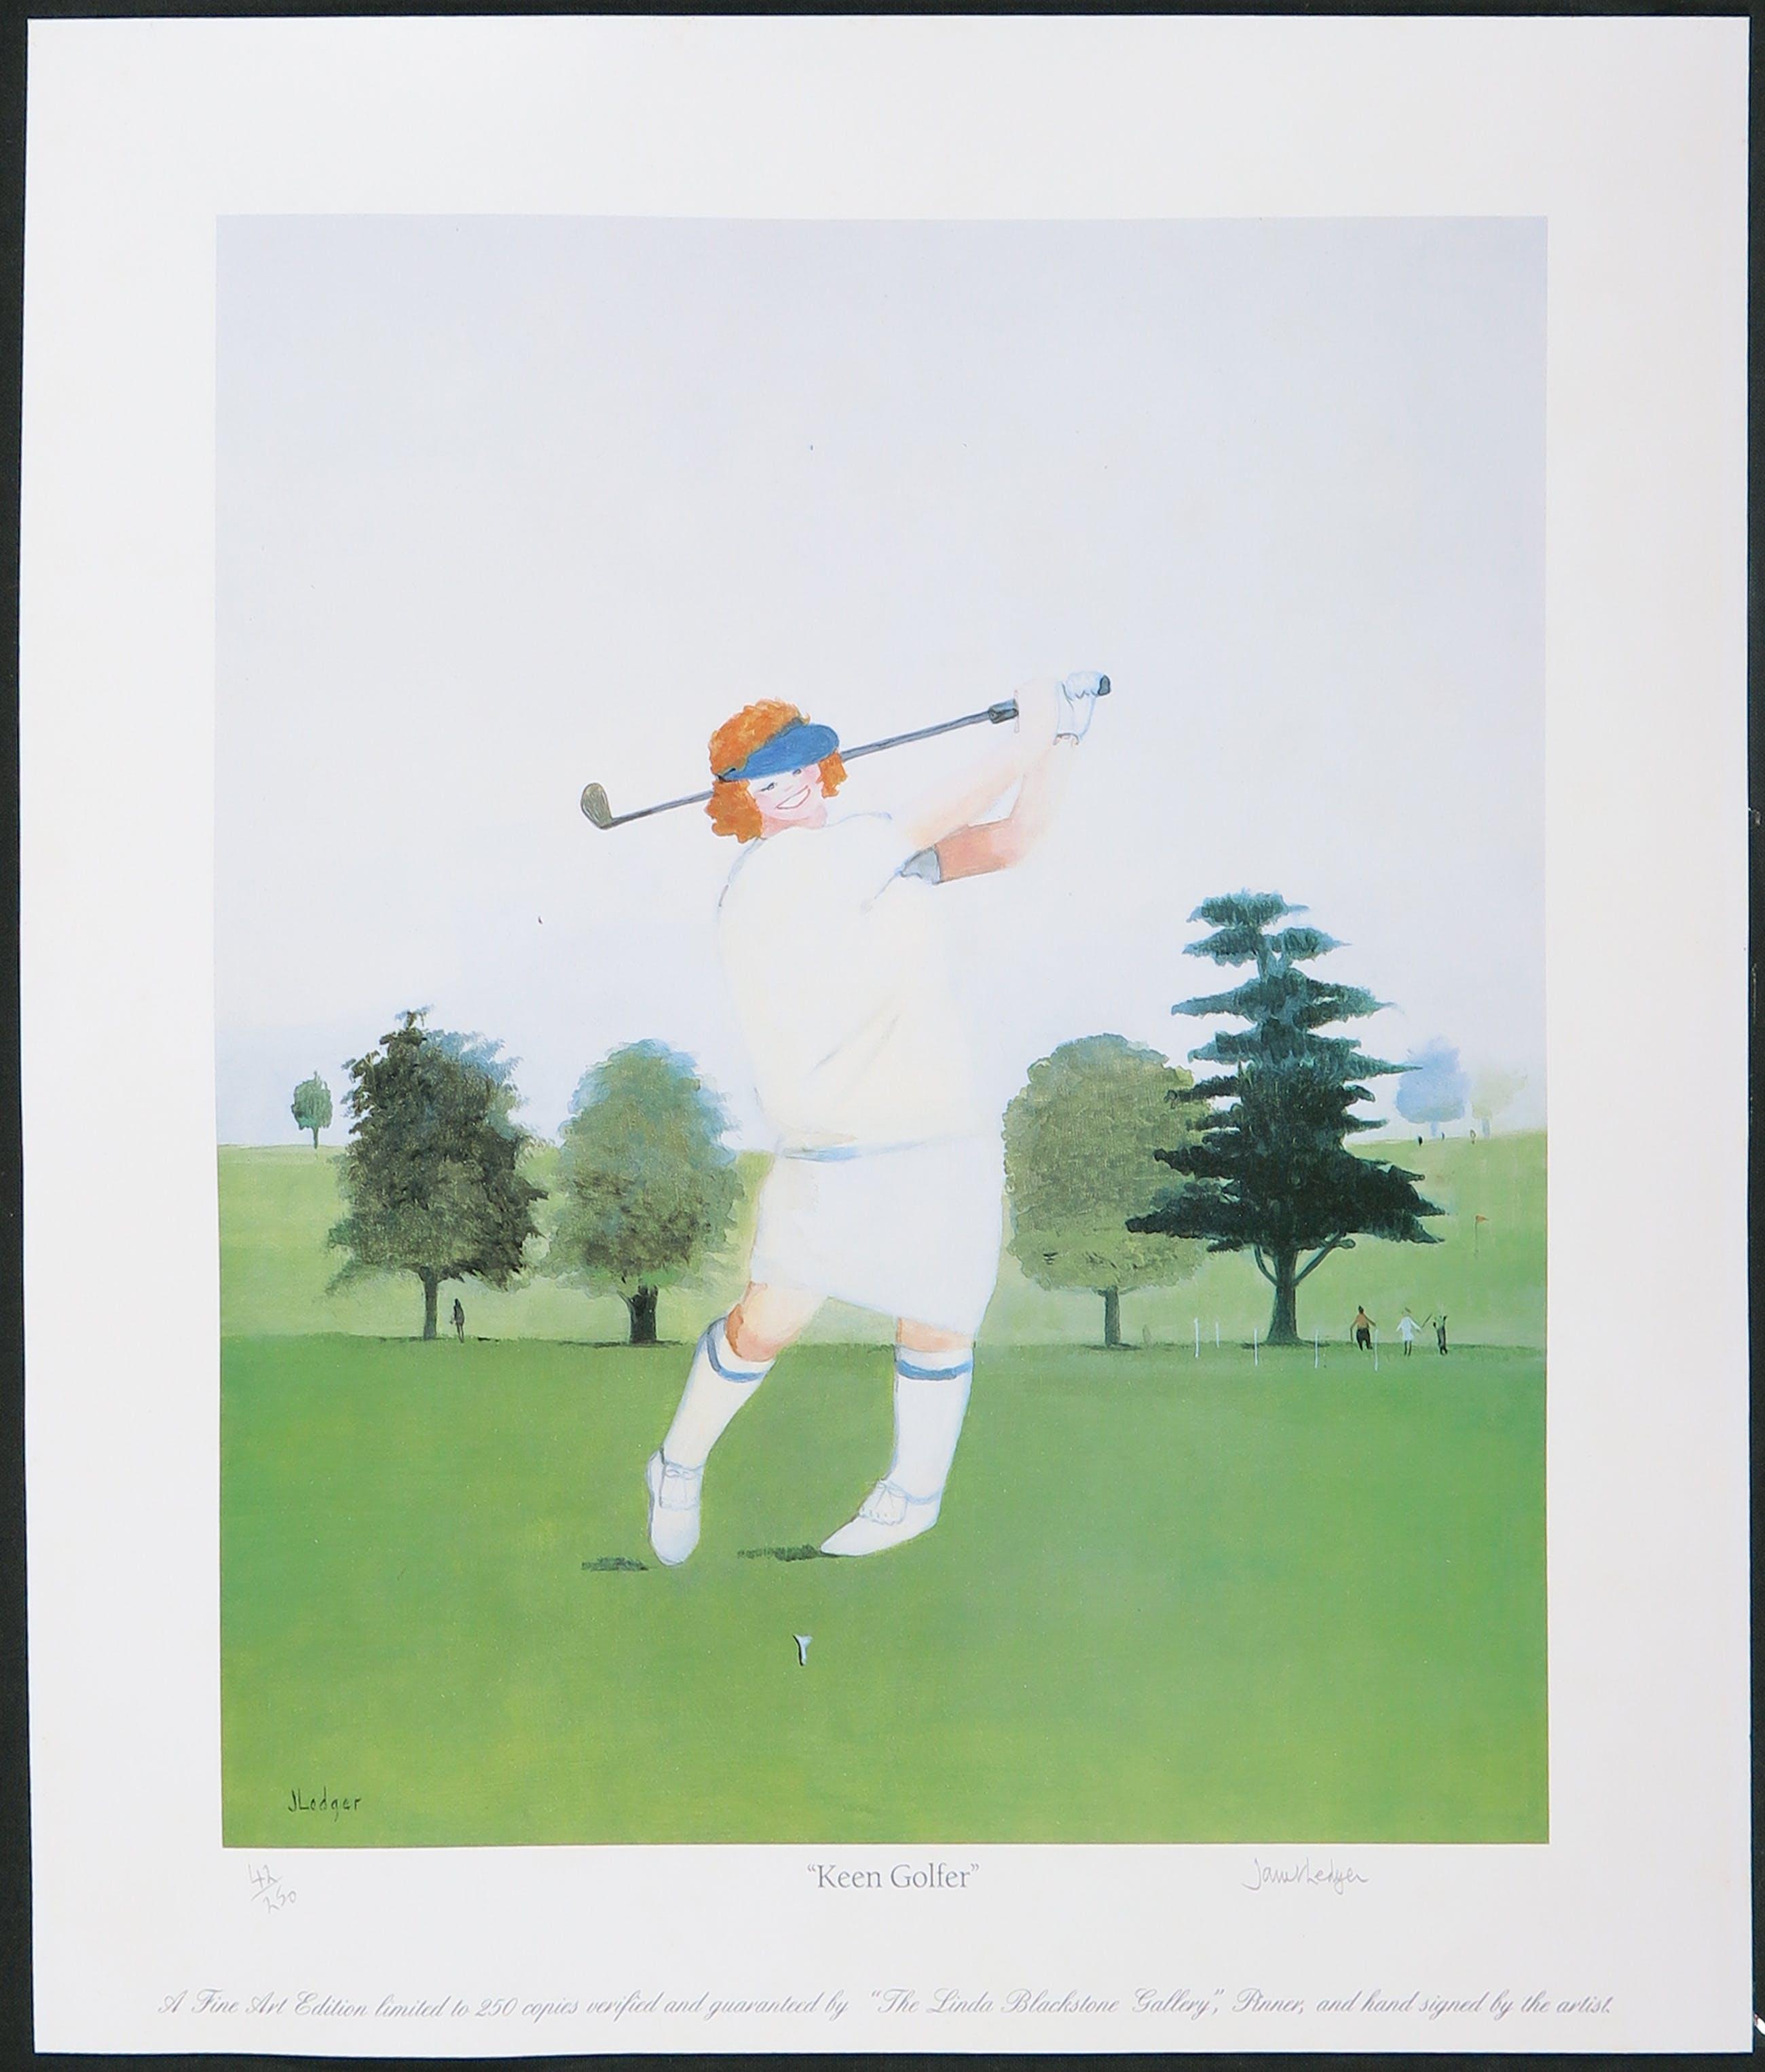 Janet Ledger - Keen Golfer kopen? Bied vanaf 1!